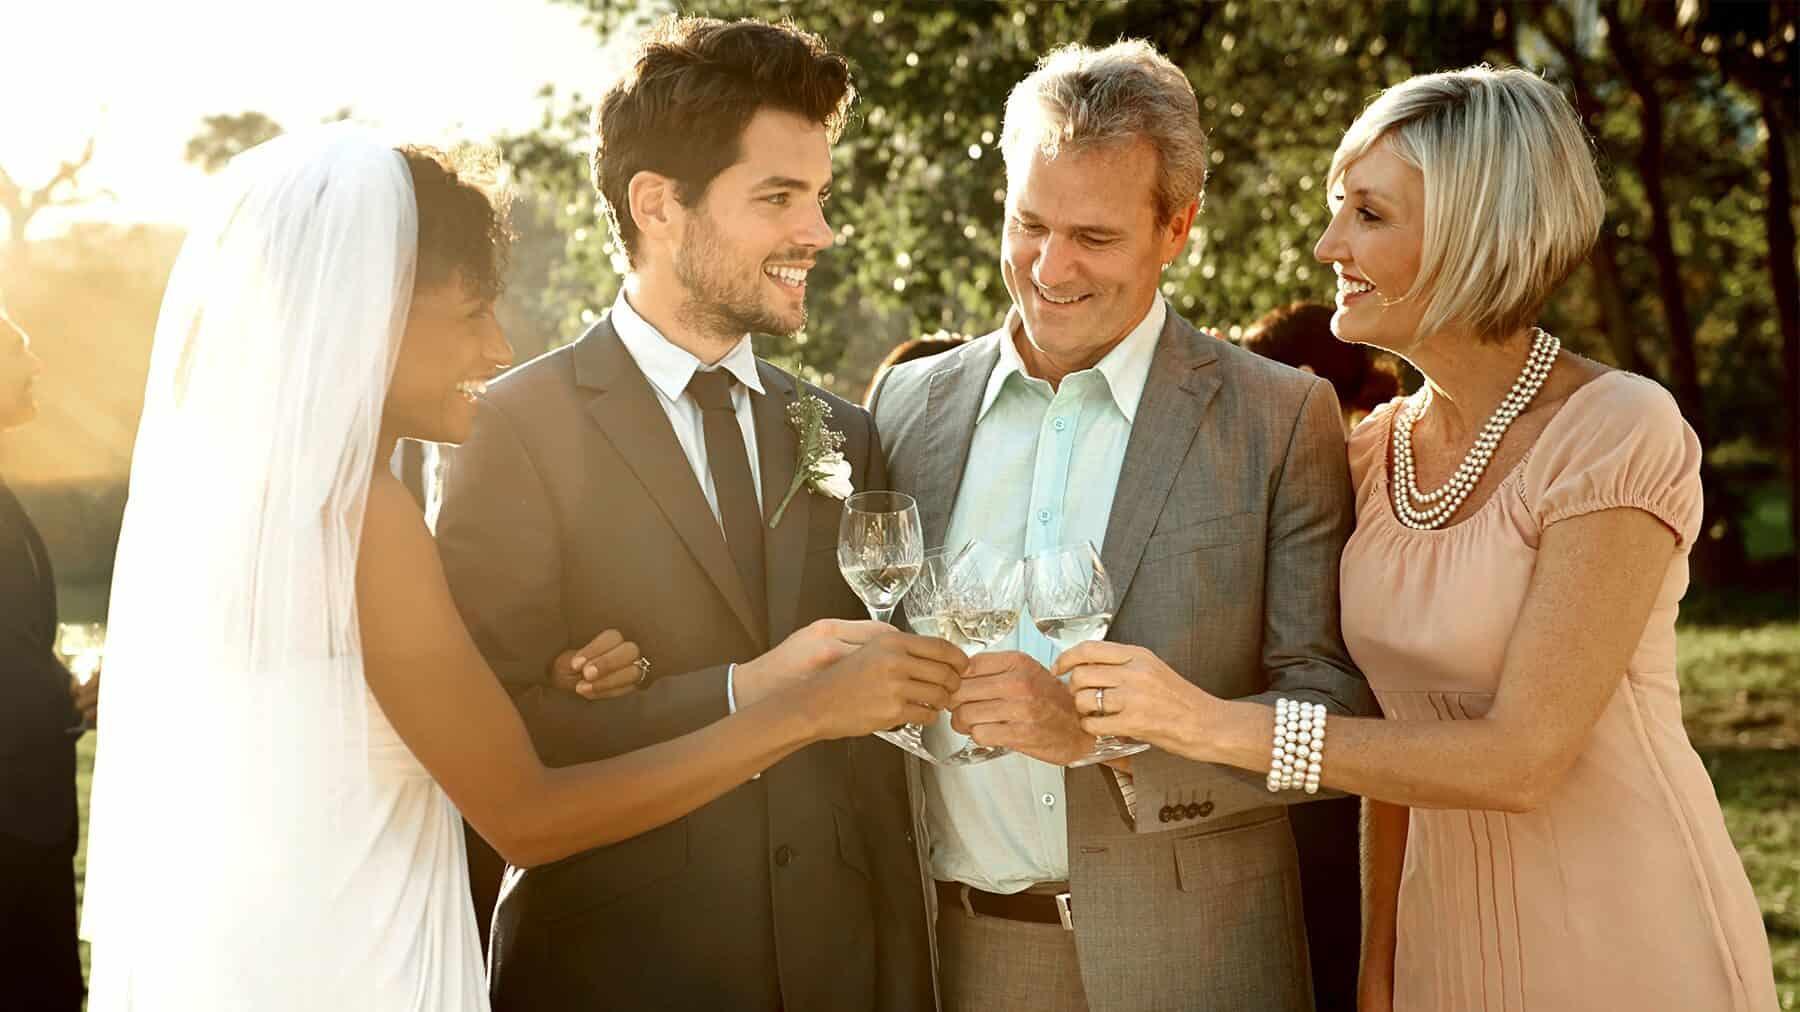 νύφη και γαμπρός δέχονται ευχές από τους γονείς τους